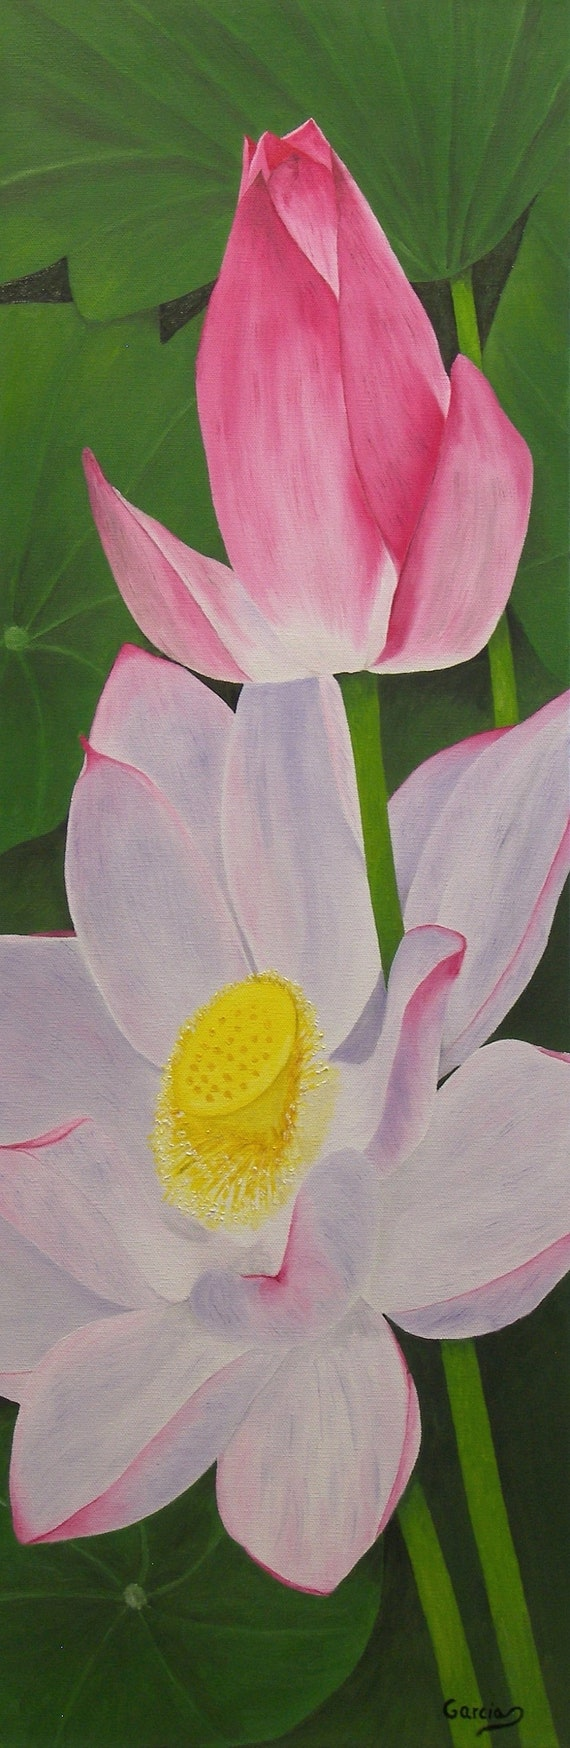 Lotus Flower Oil Painting Flower Painting Pink Original Oil Etsy